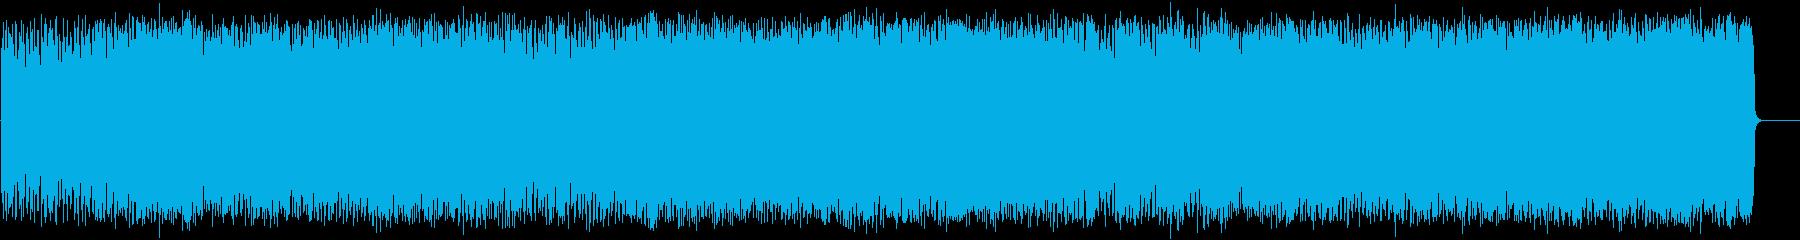 豪快に疾走するアメリカンハードロックの再生済みの波形